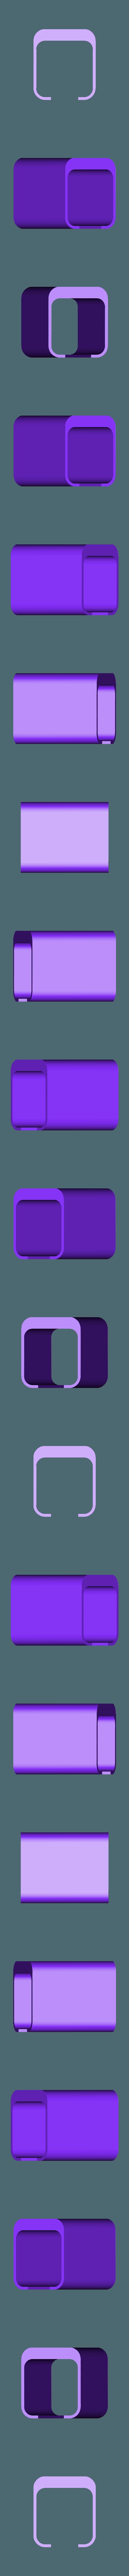 Magnetic_Tool_Holder_v1-0_2x.STL Télécharger fichier STL gratuit Porte-outil magnétique RigidBot • Objet à imprimer en 3D, WalterHsiao